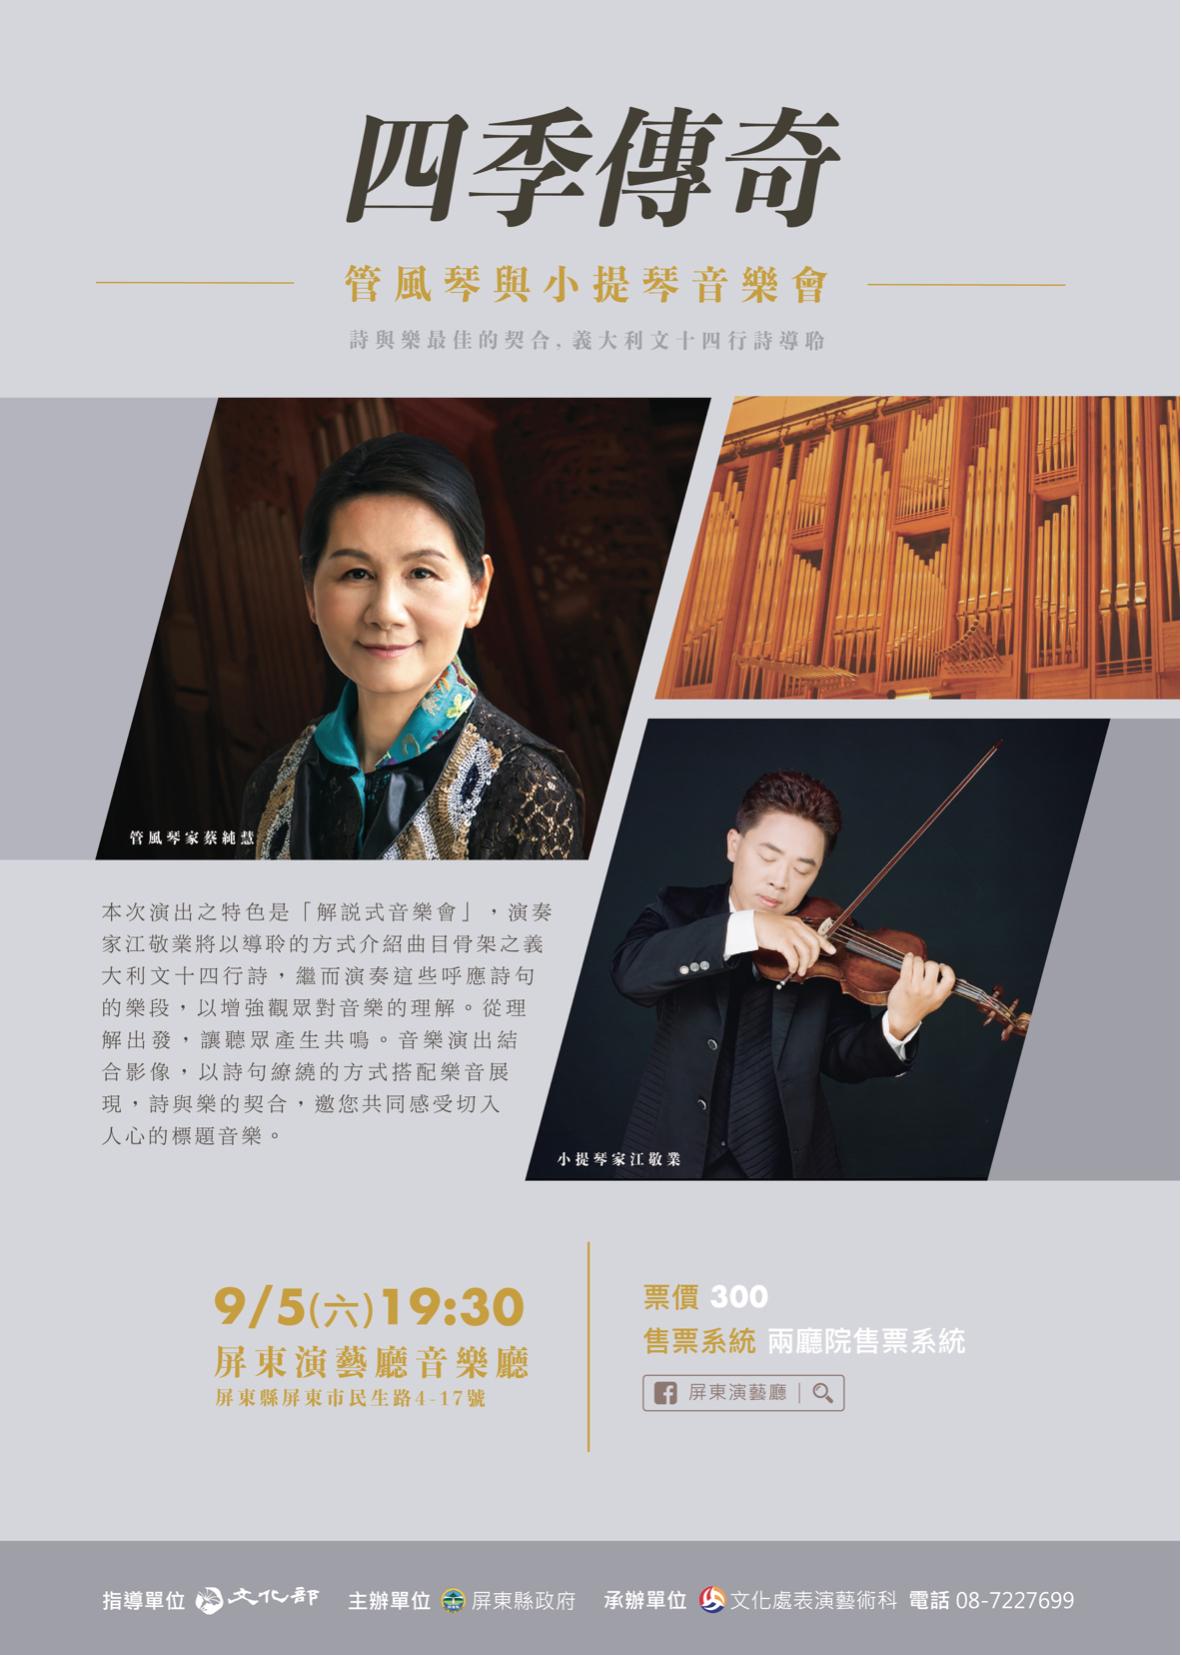 【四季傳奇】管風琴與小提琴音樂會